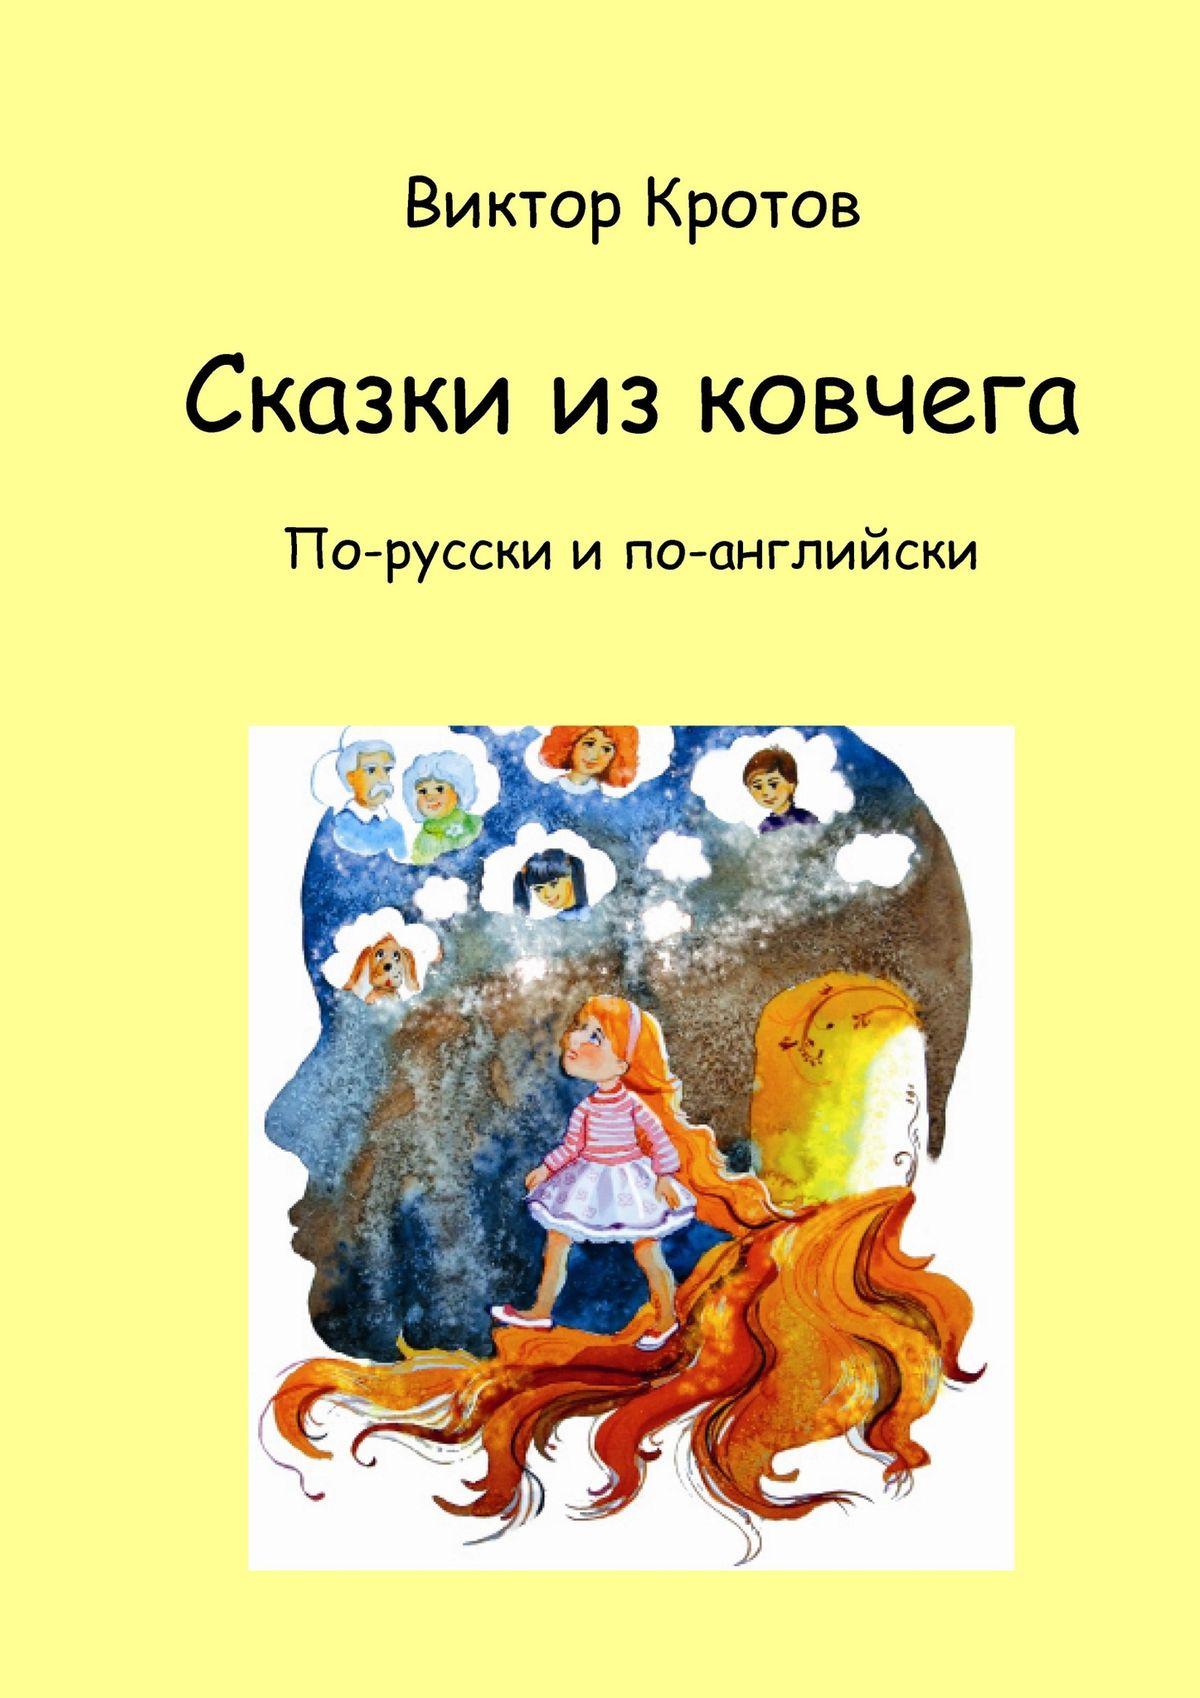 Виктор Кротов Сказки из ковчега. По-русски и по-английски